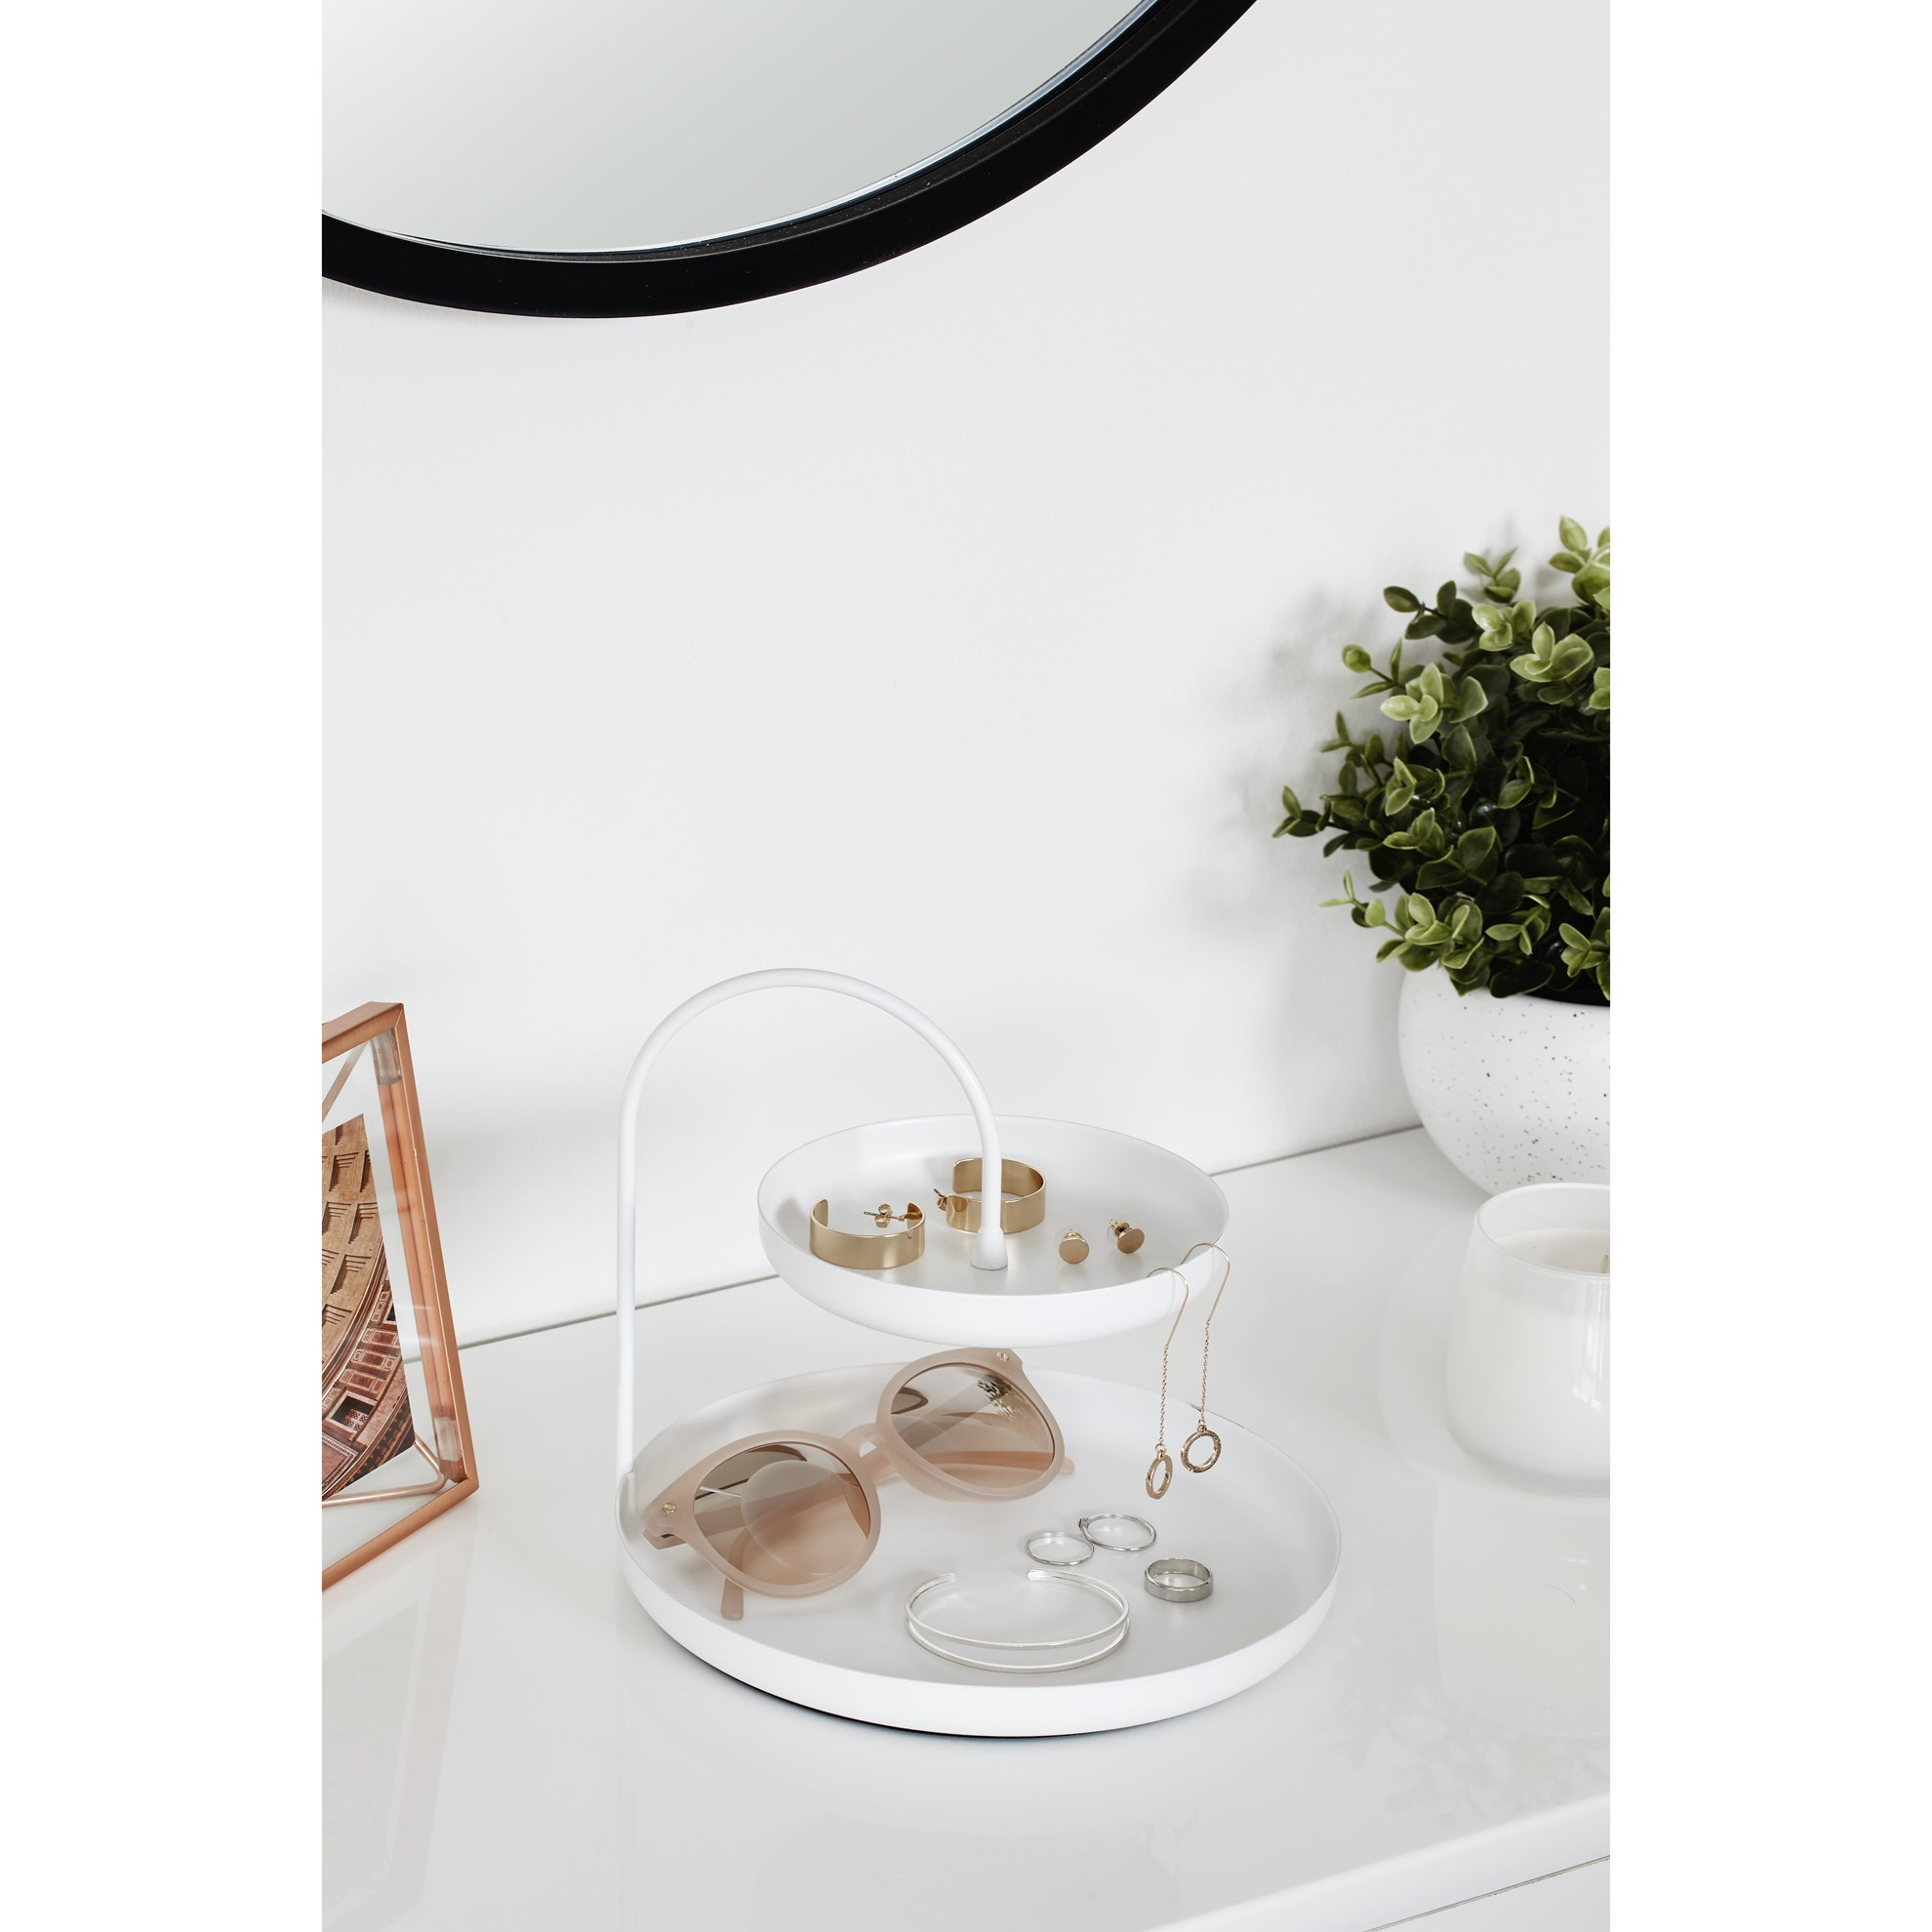 Šperkovnice POISE 18 cm bílá_0